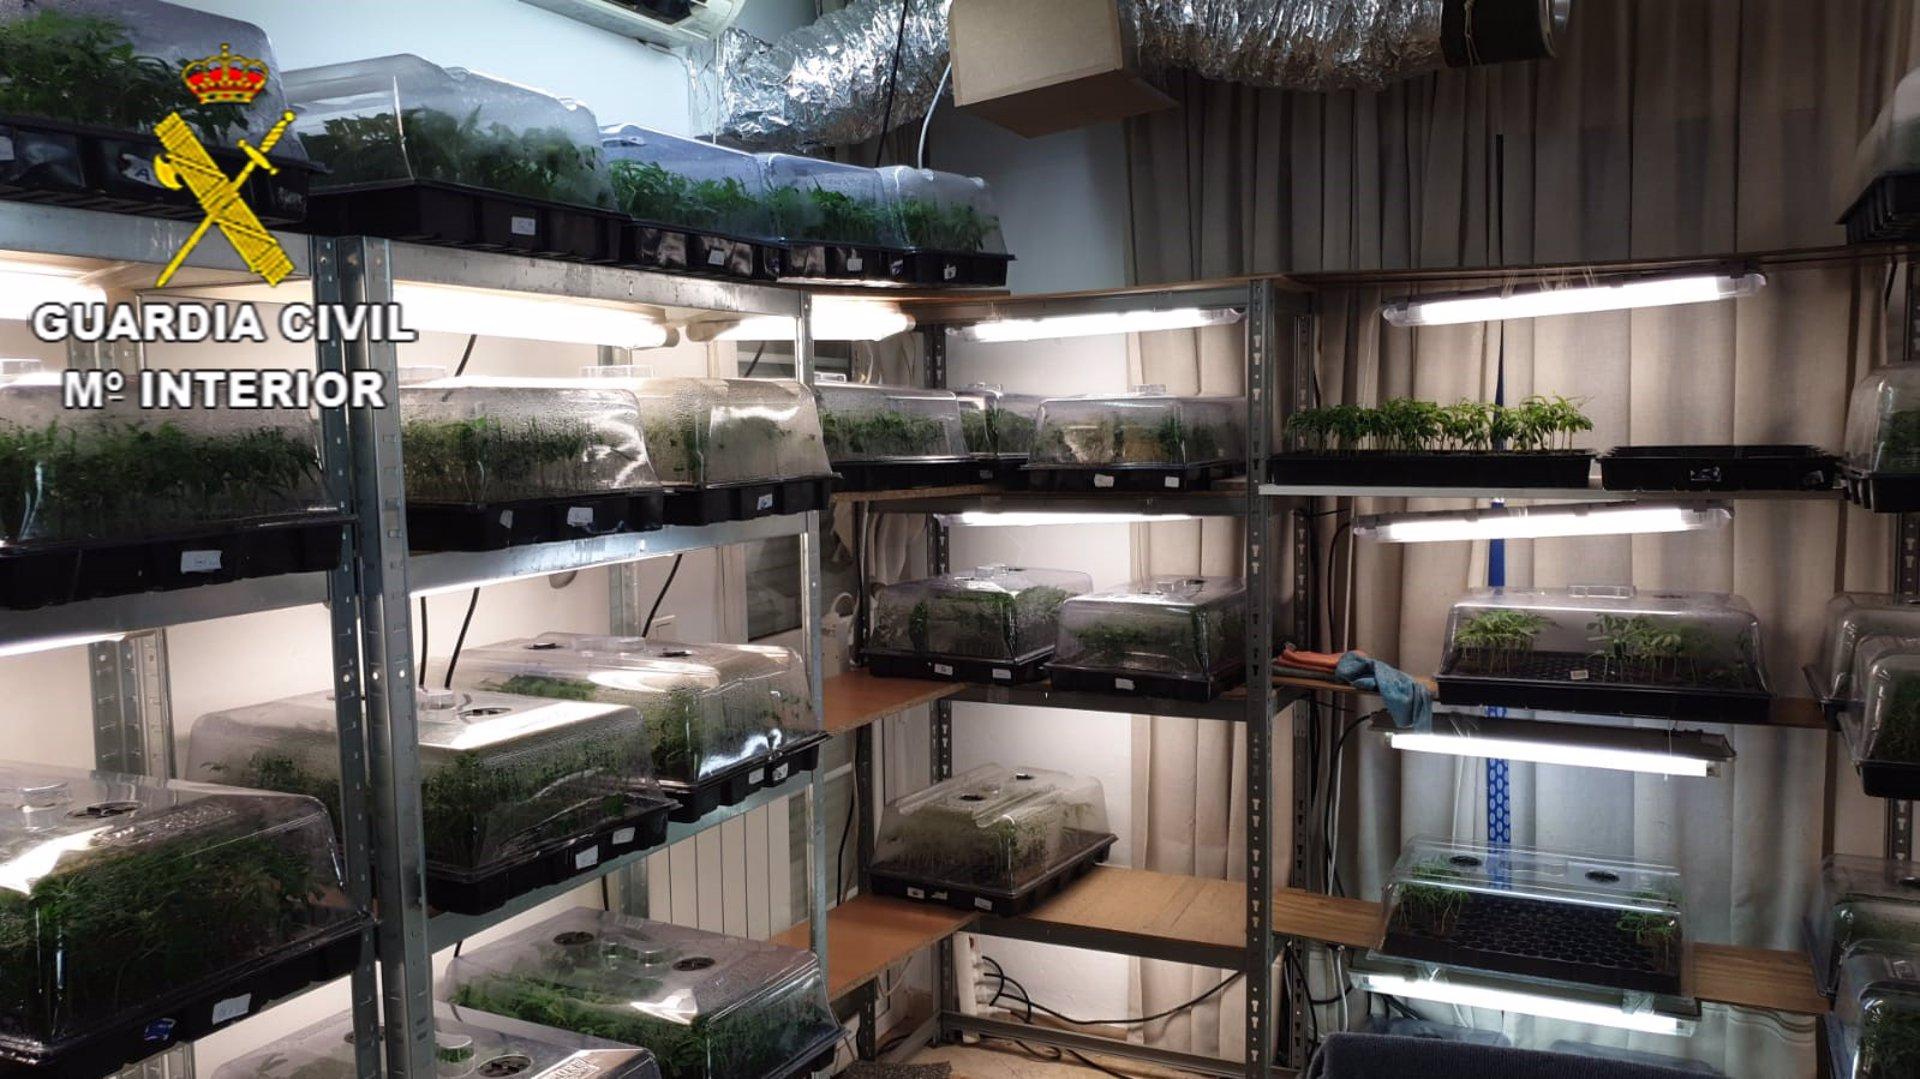 Intervenidas más de 8.500 plantas de marihuana en un centro de producción en Gójar